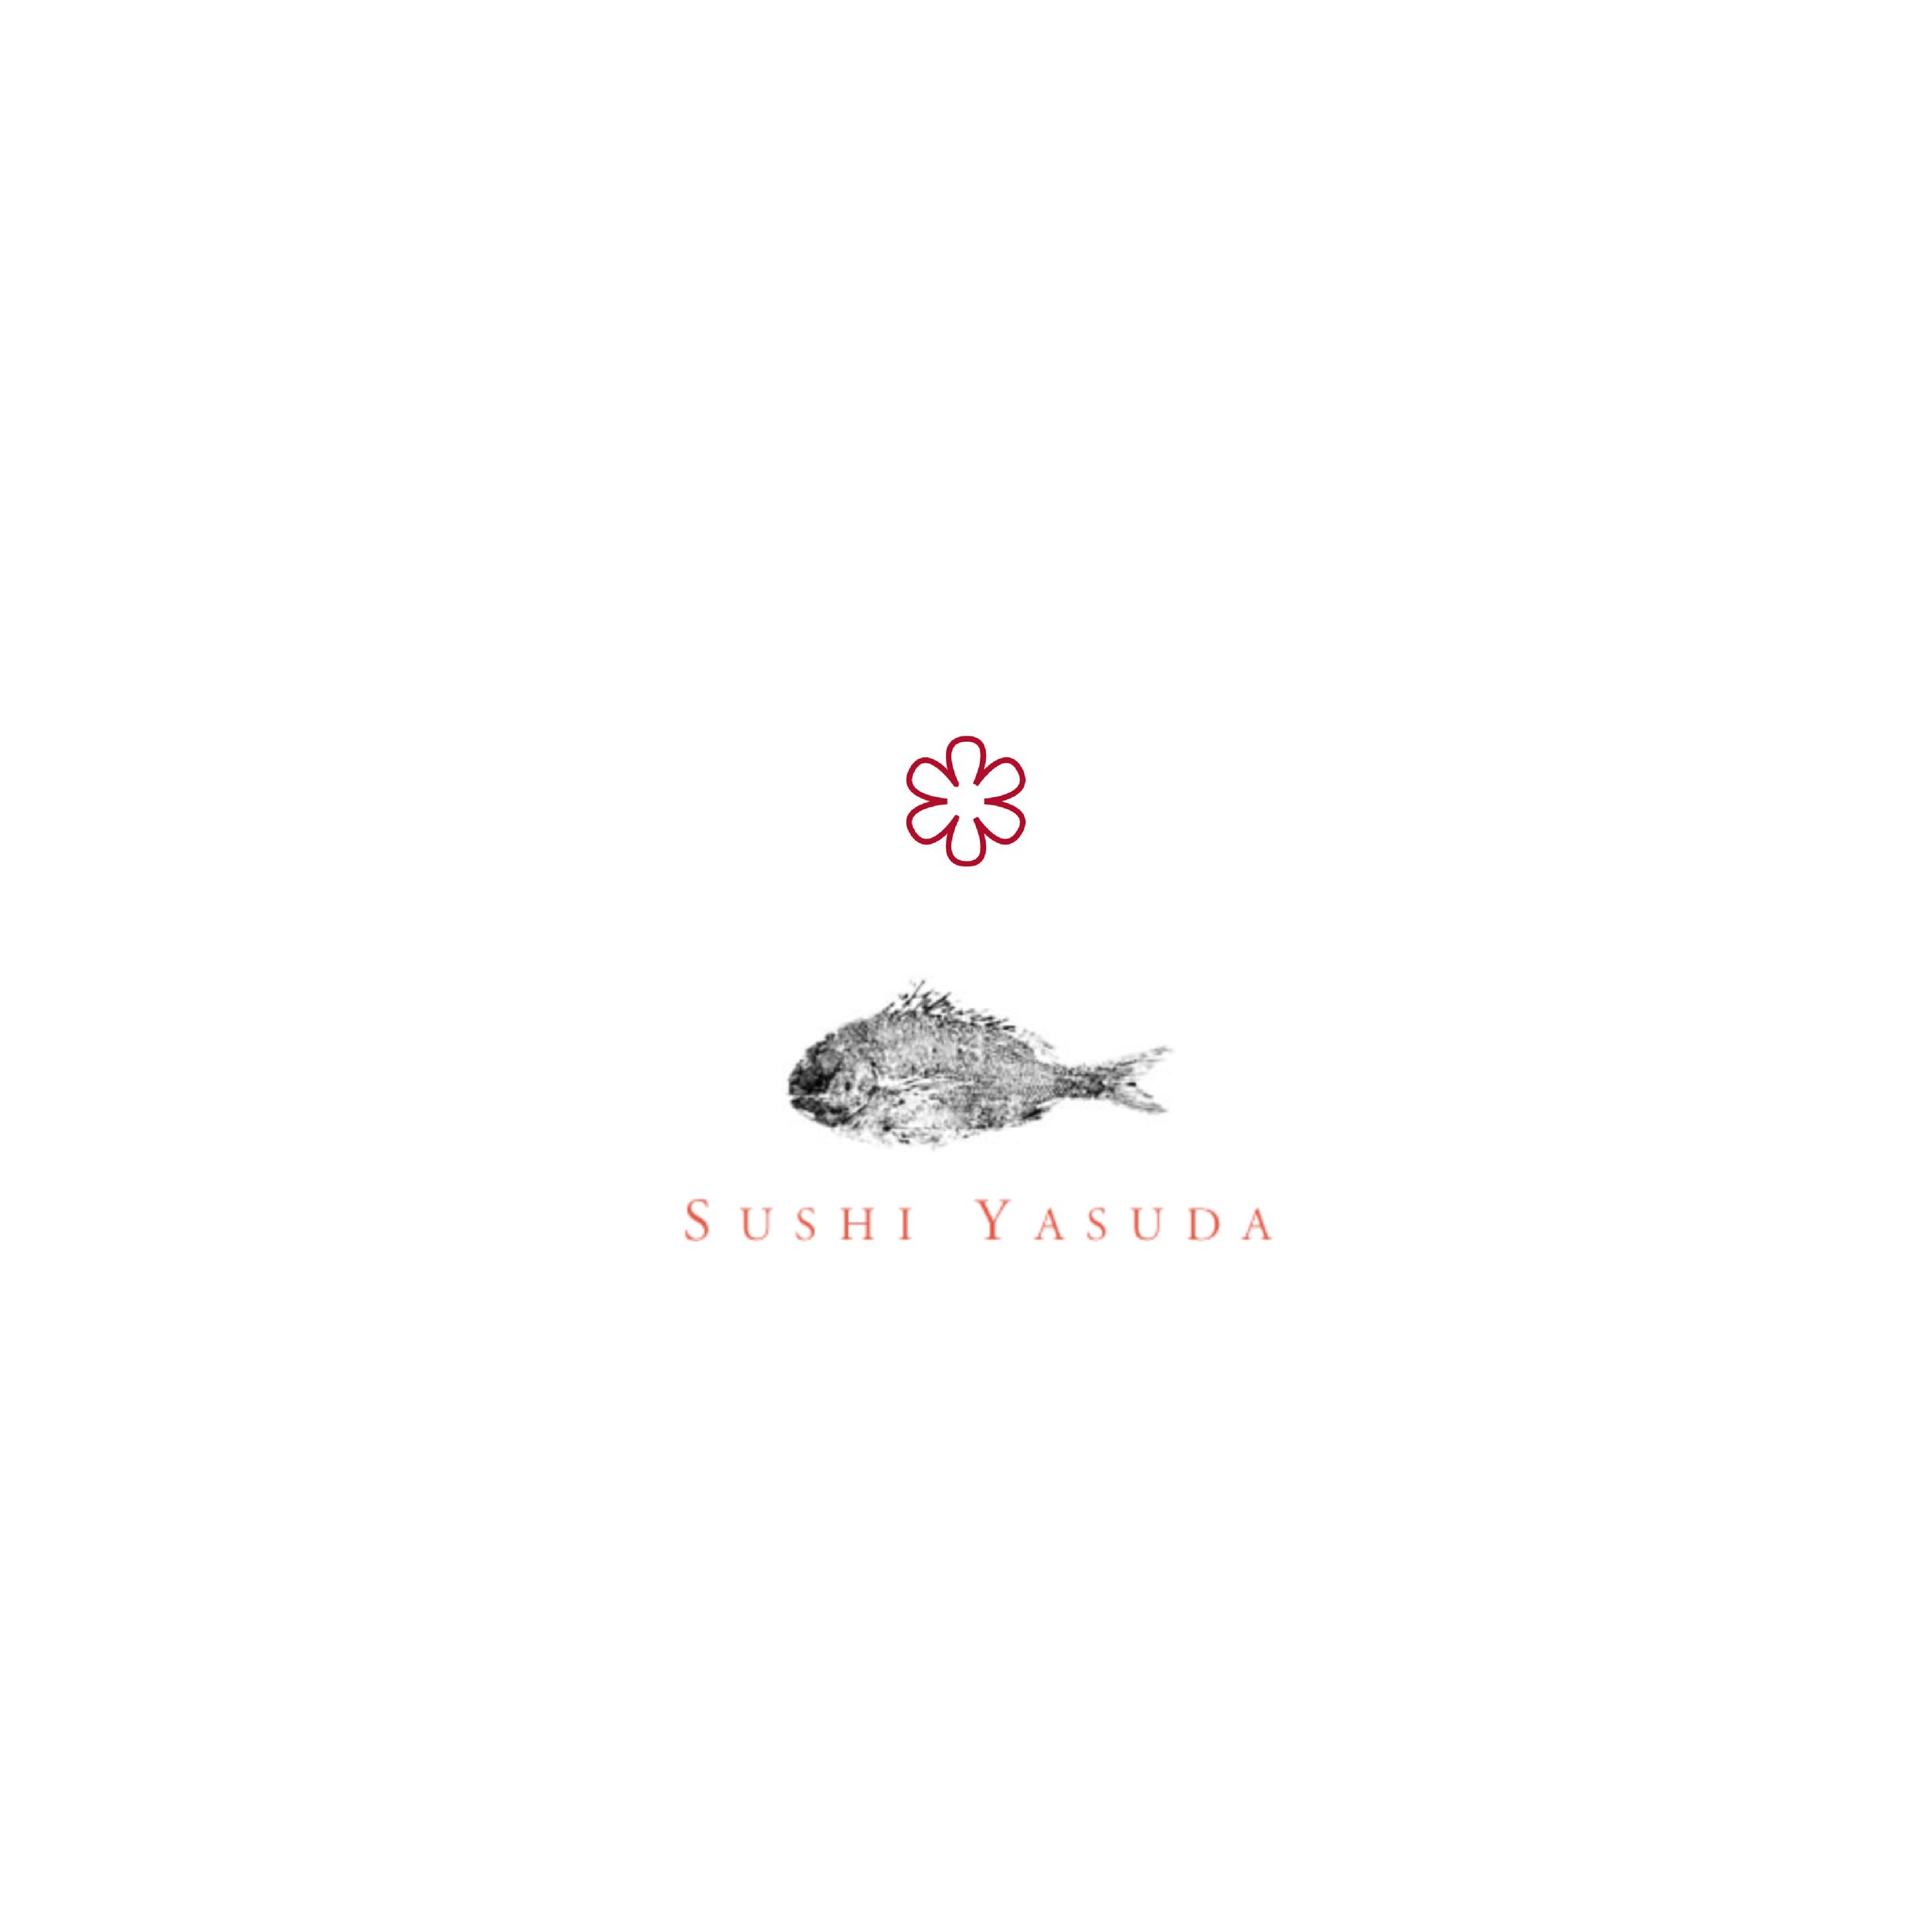 yasuda + 1 star.png